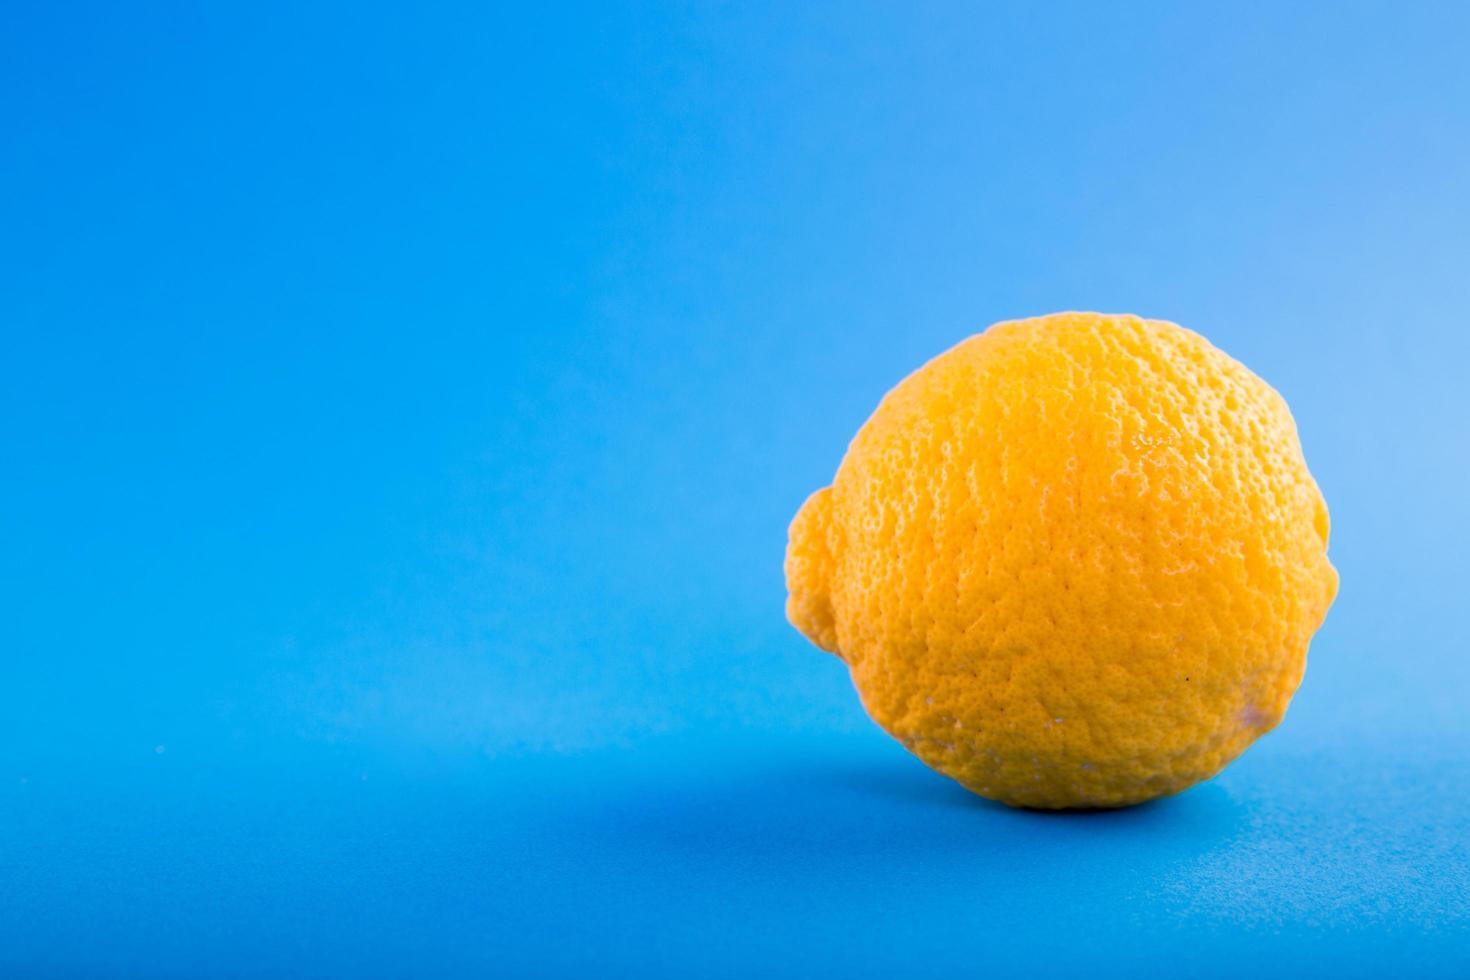 gelbe Zitrone auf blauem Hintergrund foto